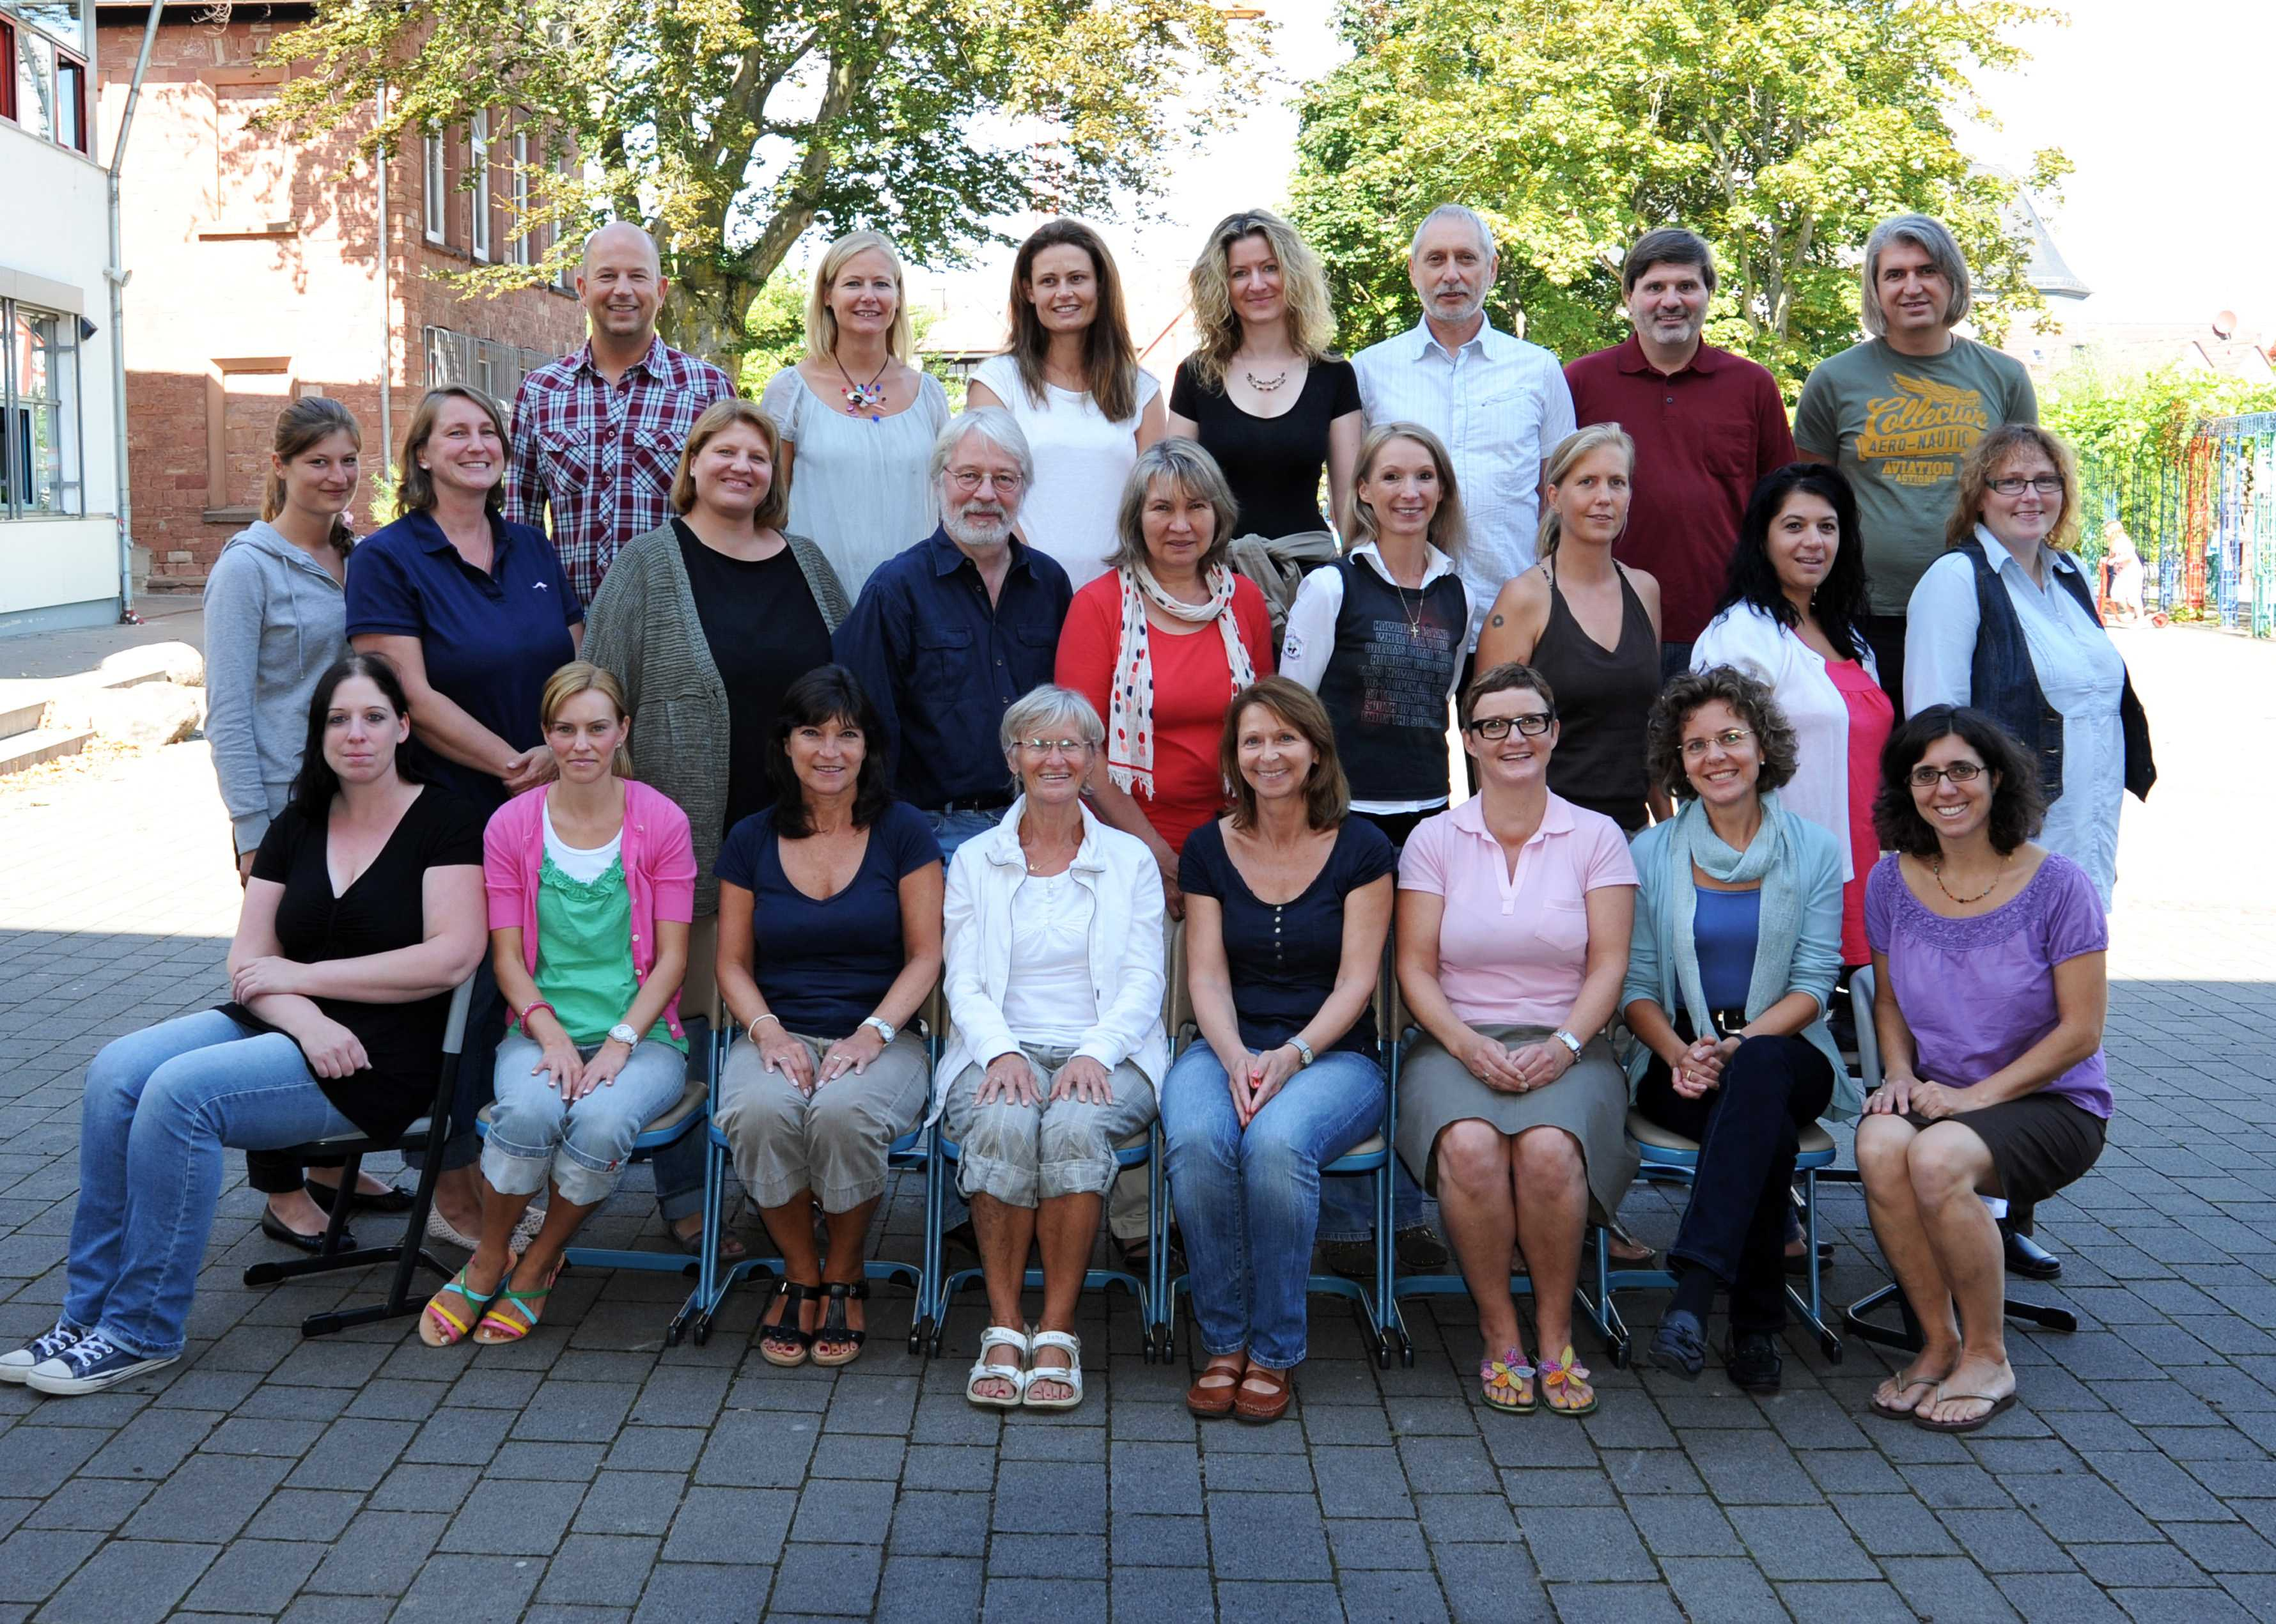 Kollegium_2012hp.jpg